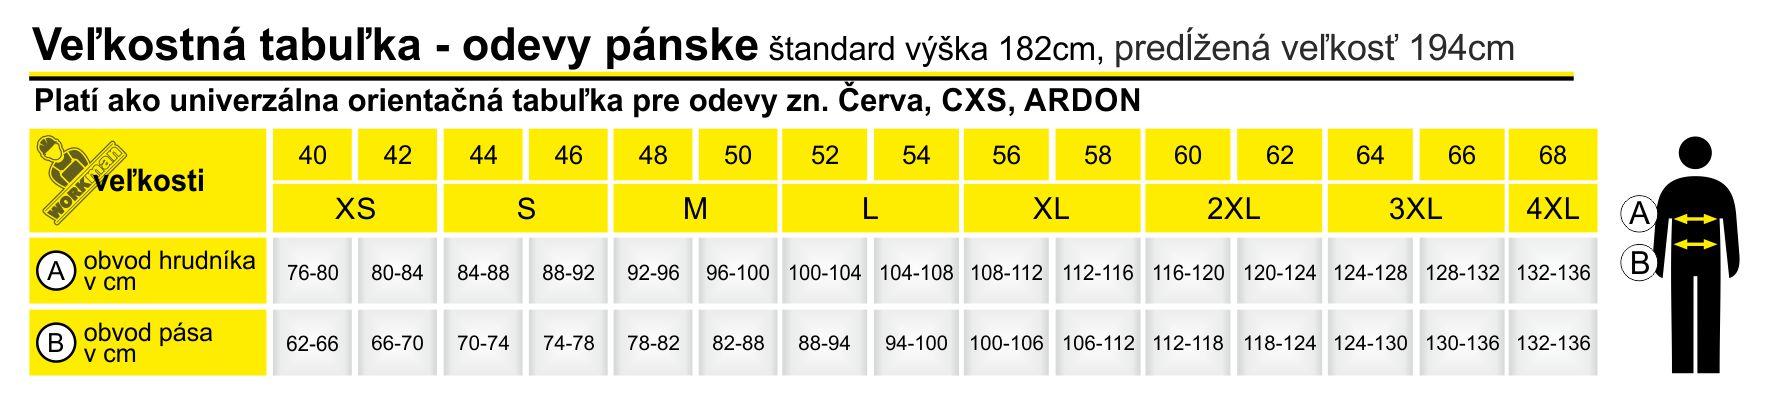 Tabuľka odevou pánska Červa CXS Ardon